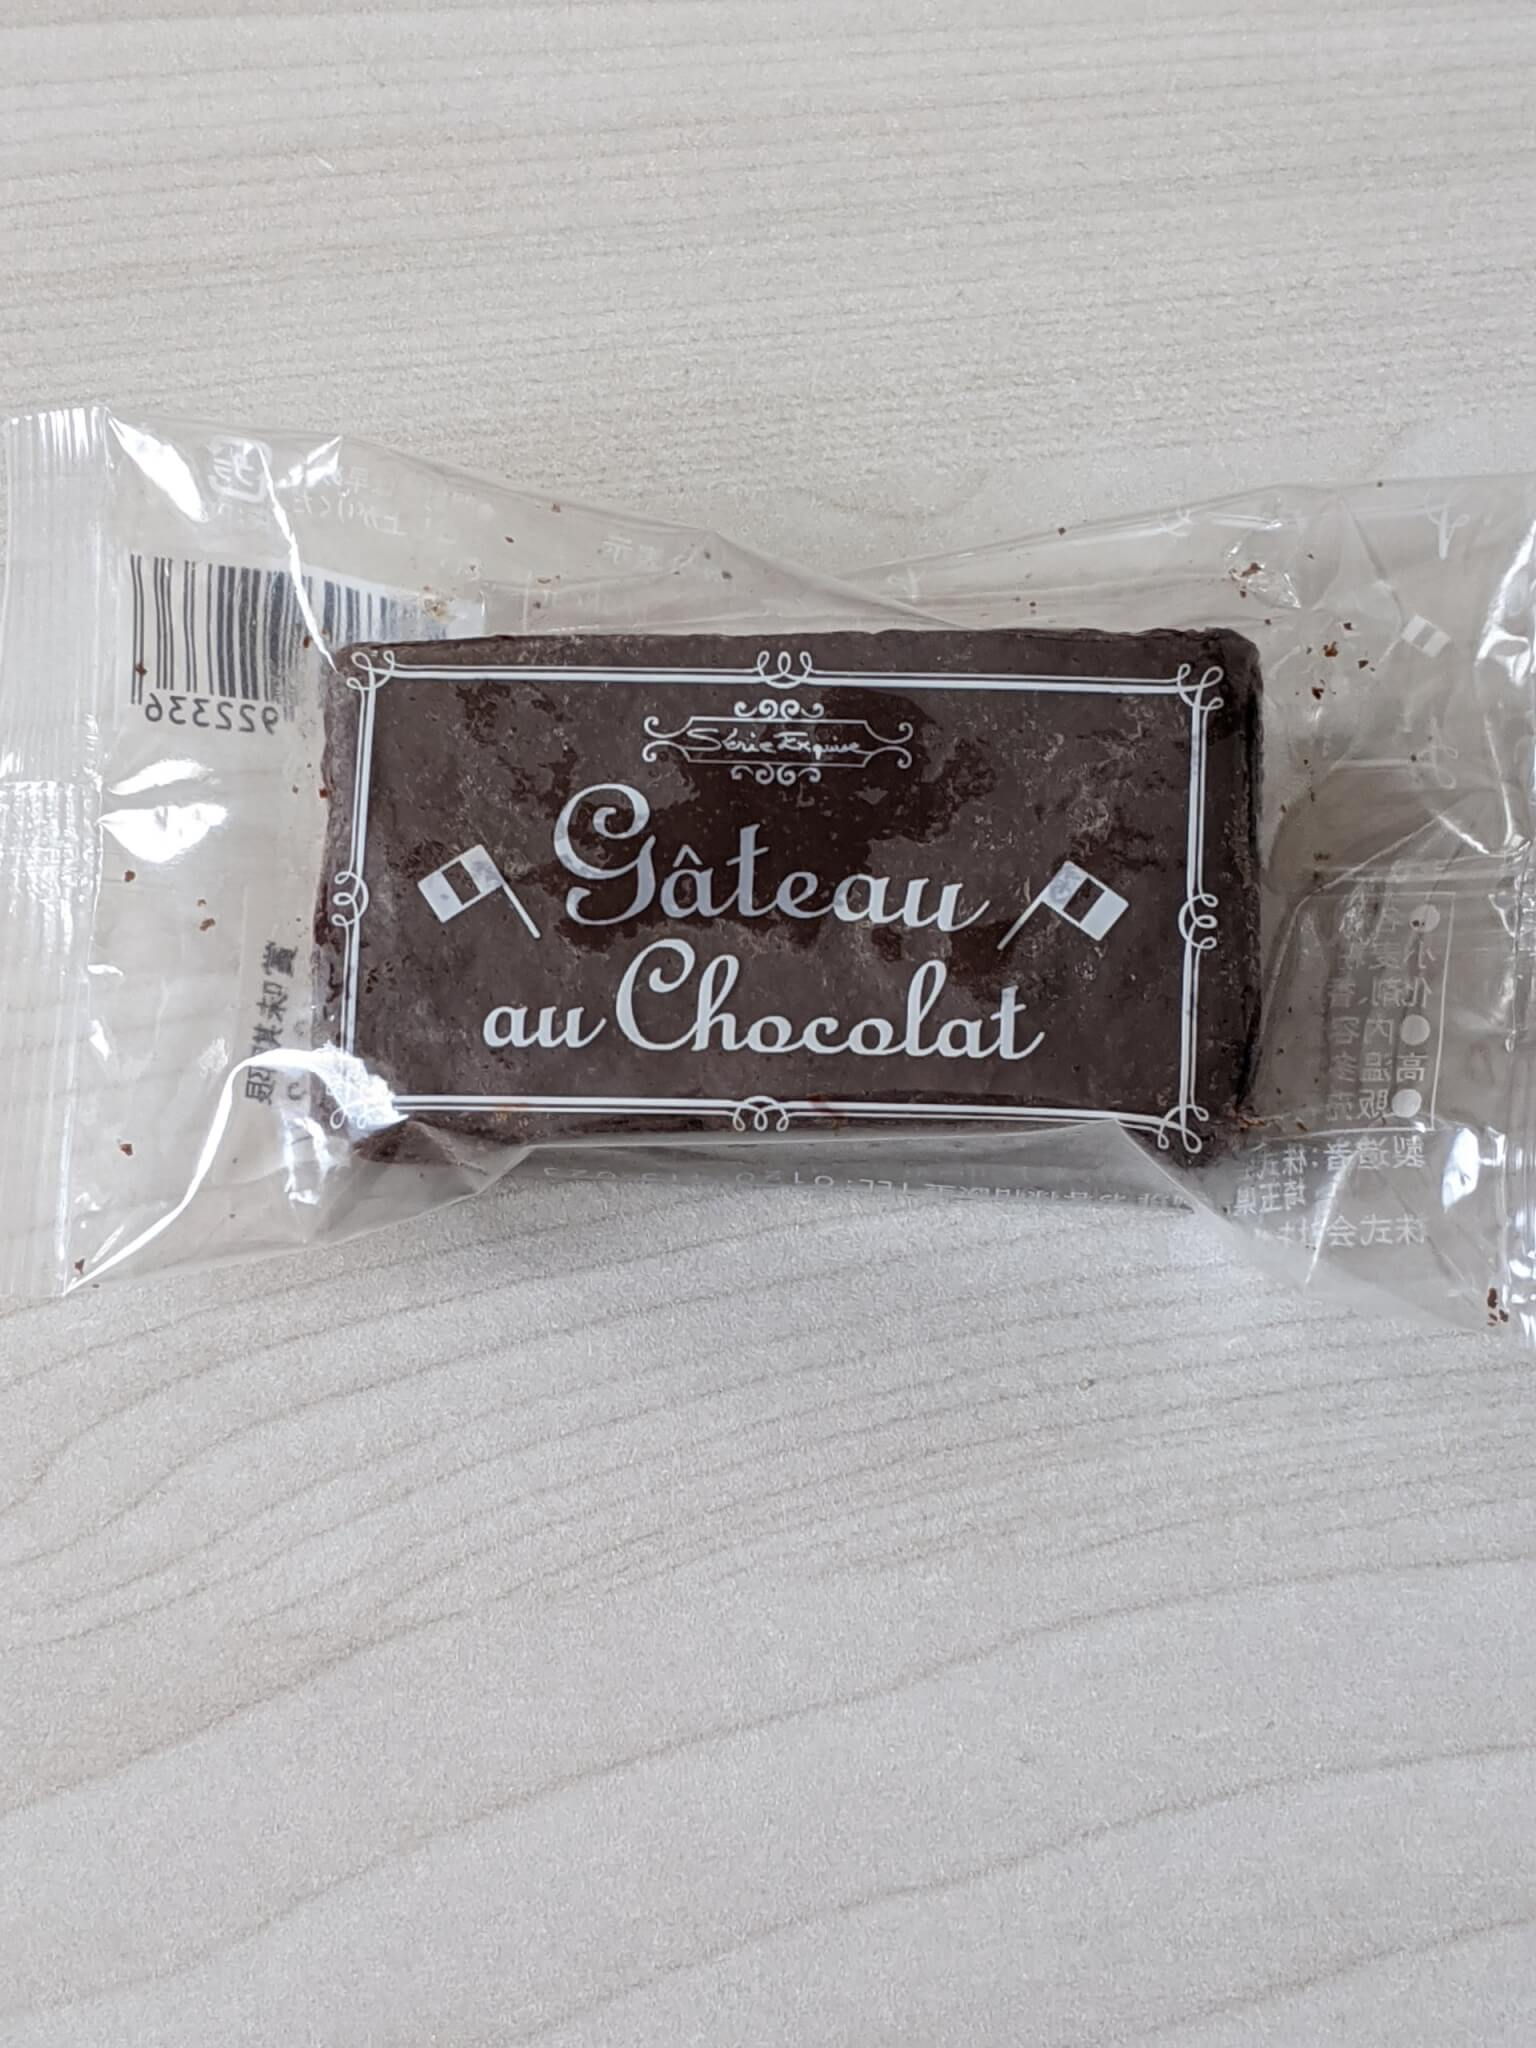 セリエキスキーズのガトーオーショコラ